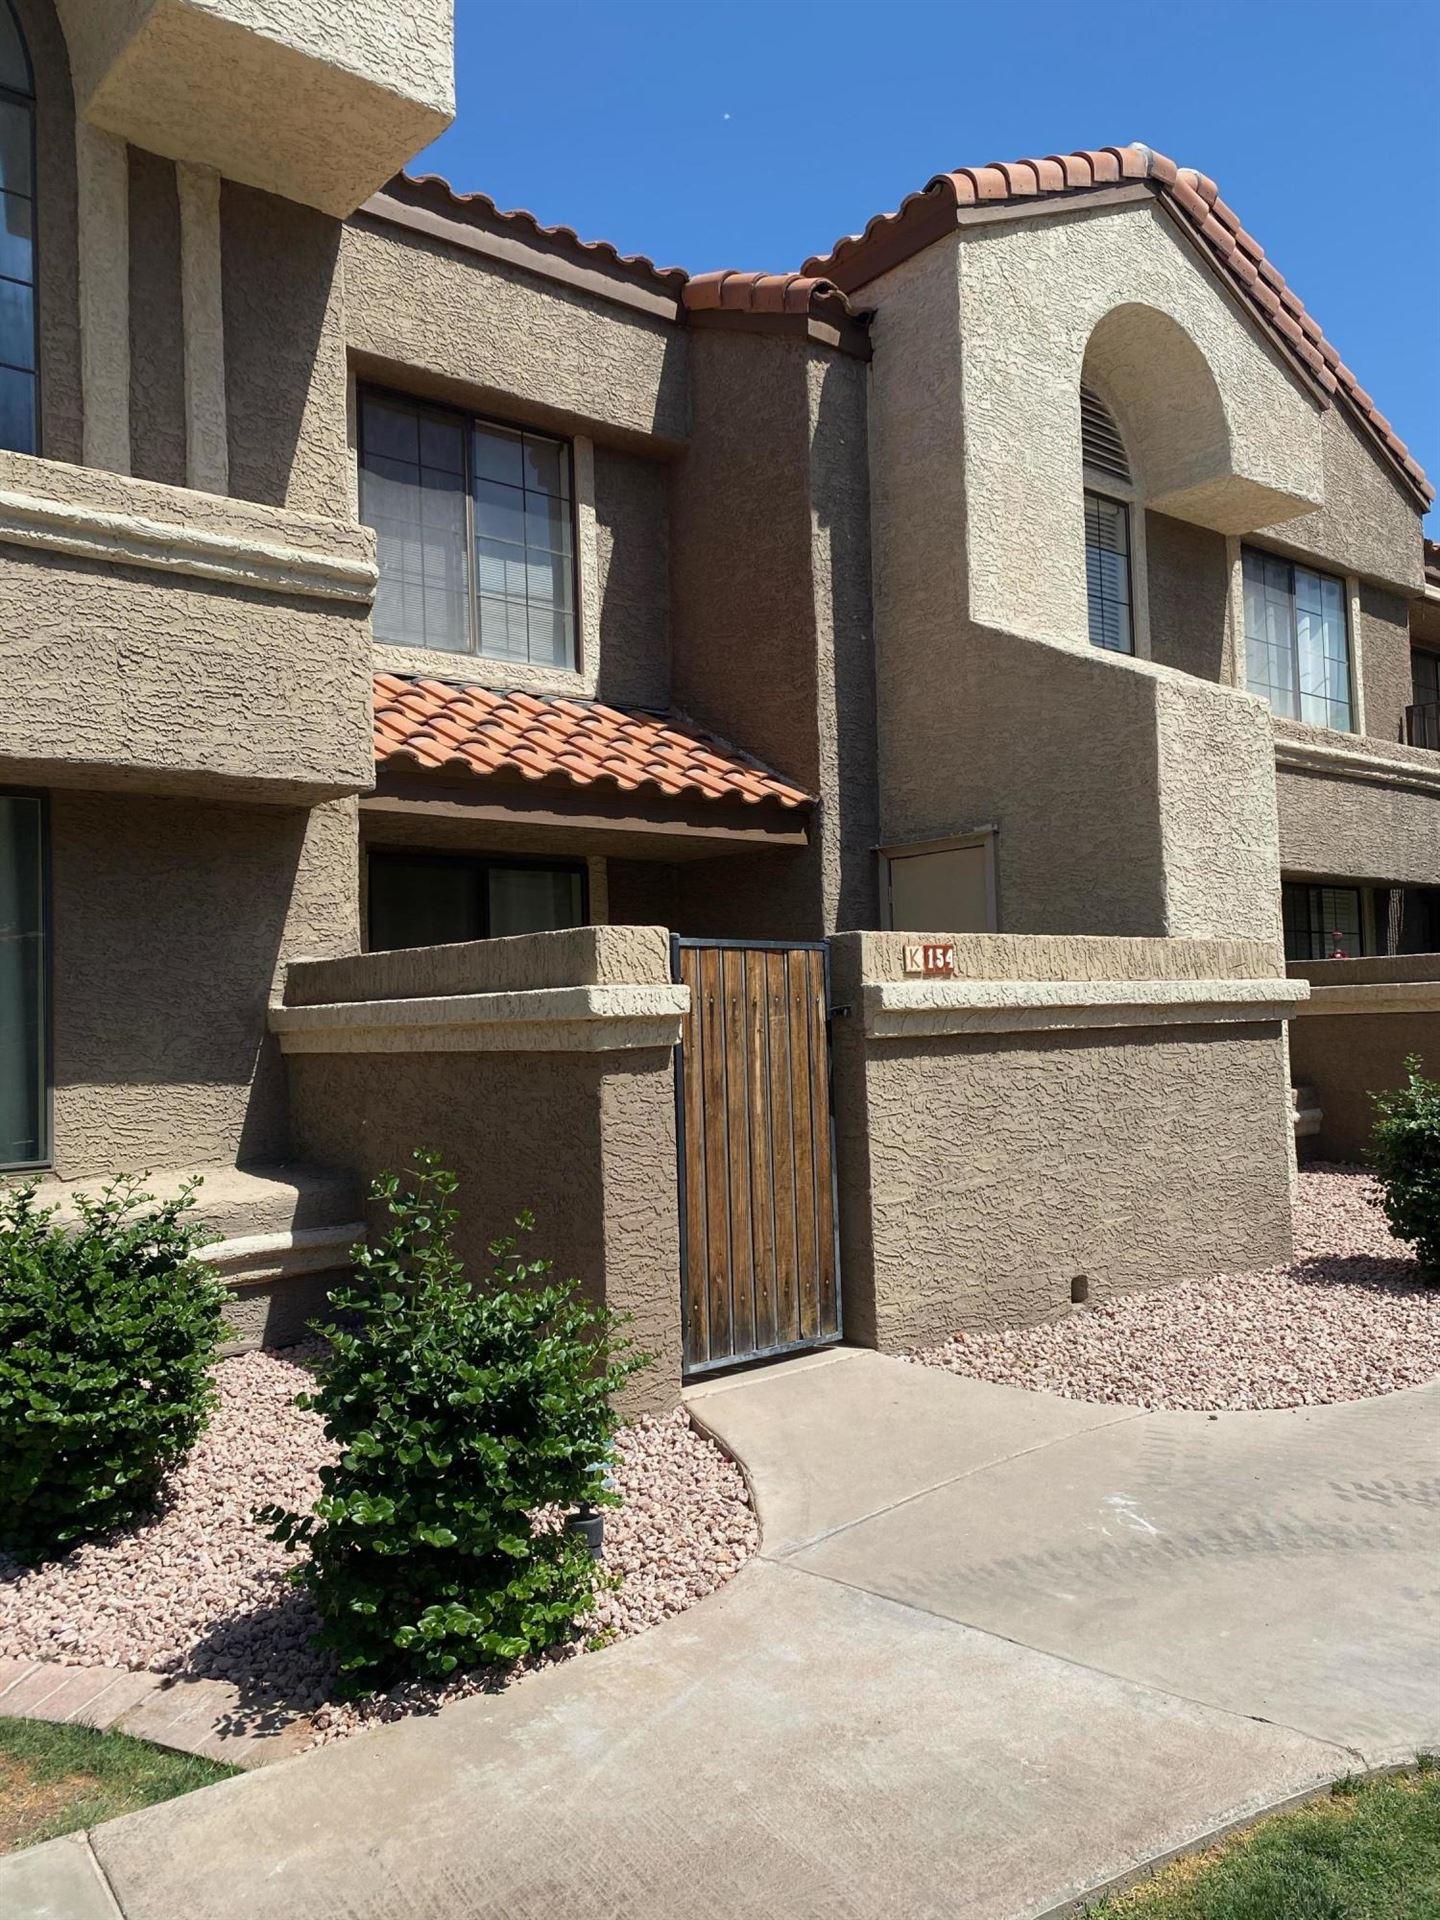 Photo of 1905 E UNIVERSITY Drive #154, Tempe, AZ 85281 (MLS # 6234040)